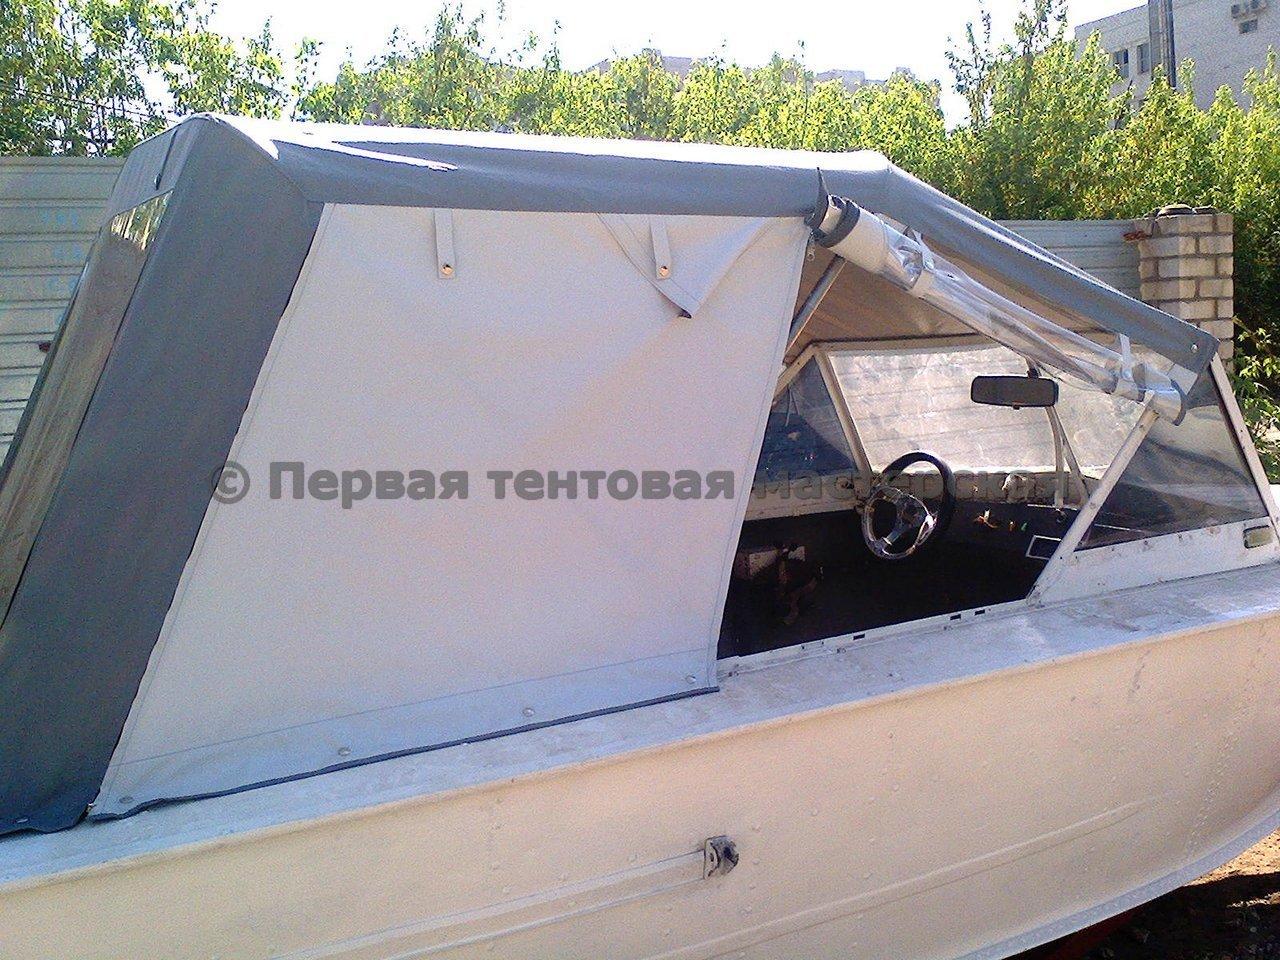 tents1405_111